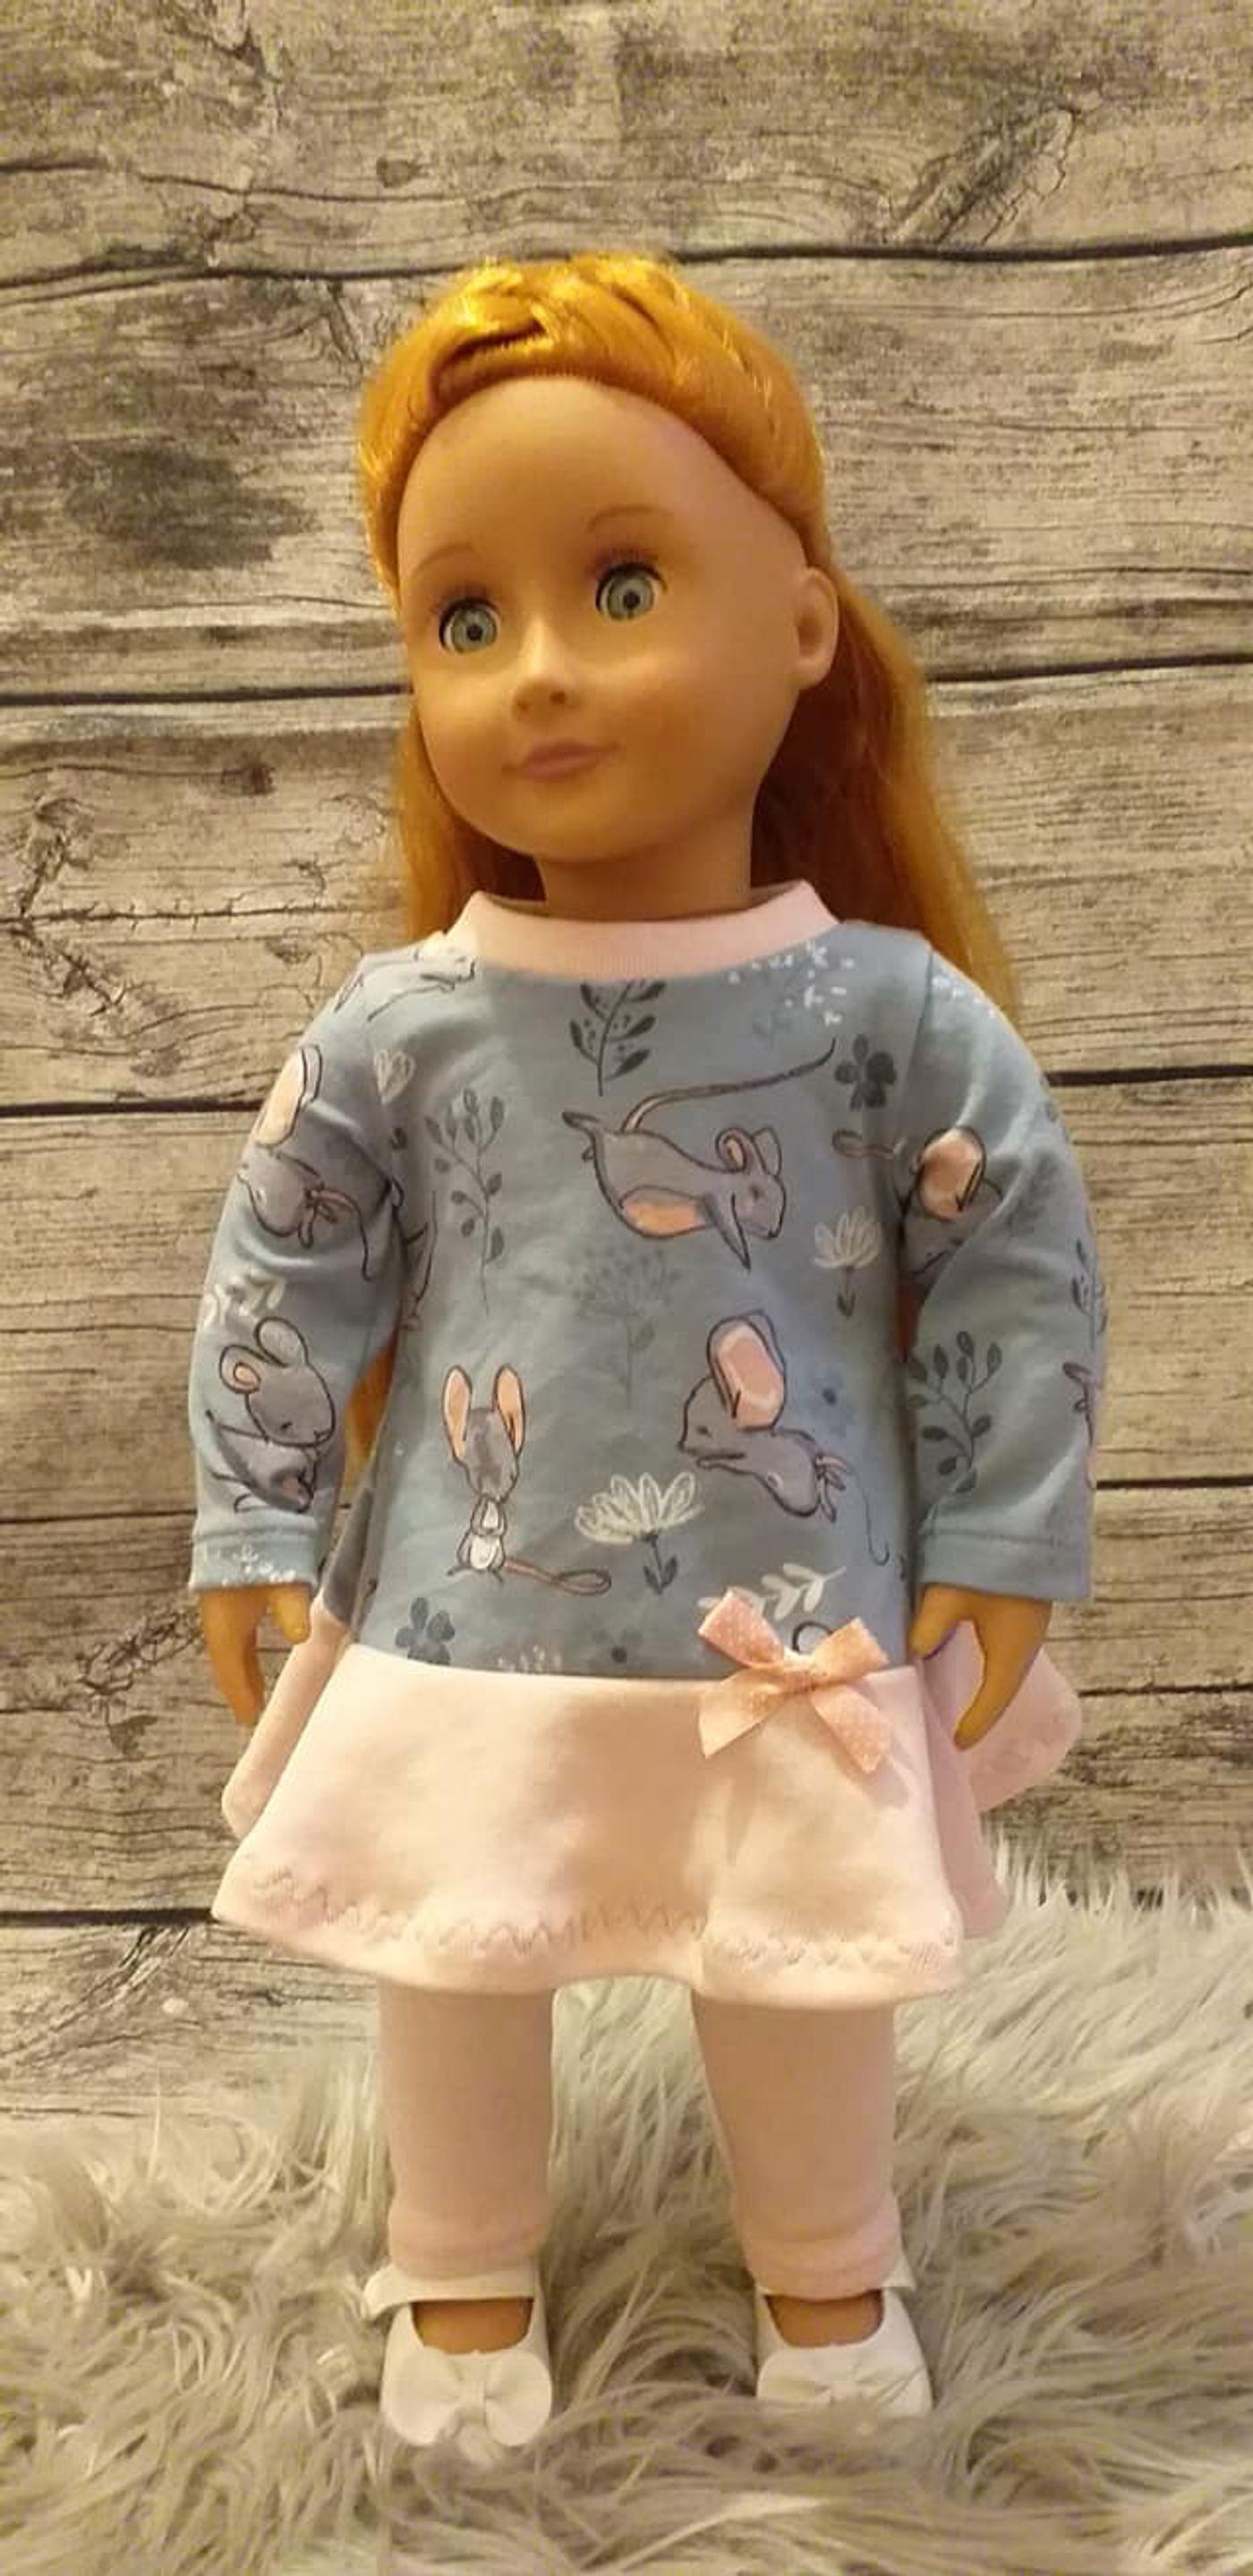 Produktfoto 12 von Happy Pearl für Schnittmuster Little SUNdrina + Happy SUNdrina Tunika/Kleid und 43cm Puppenschnitt